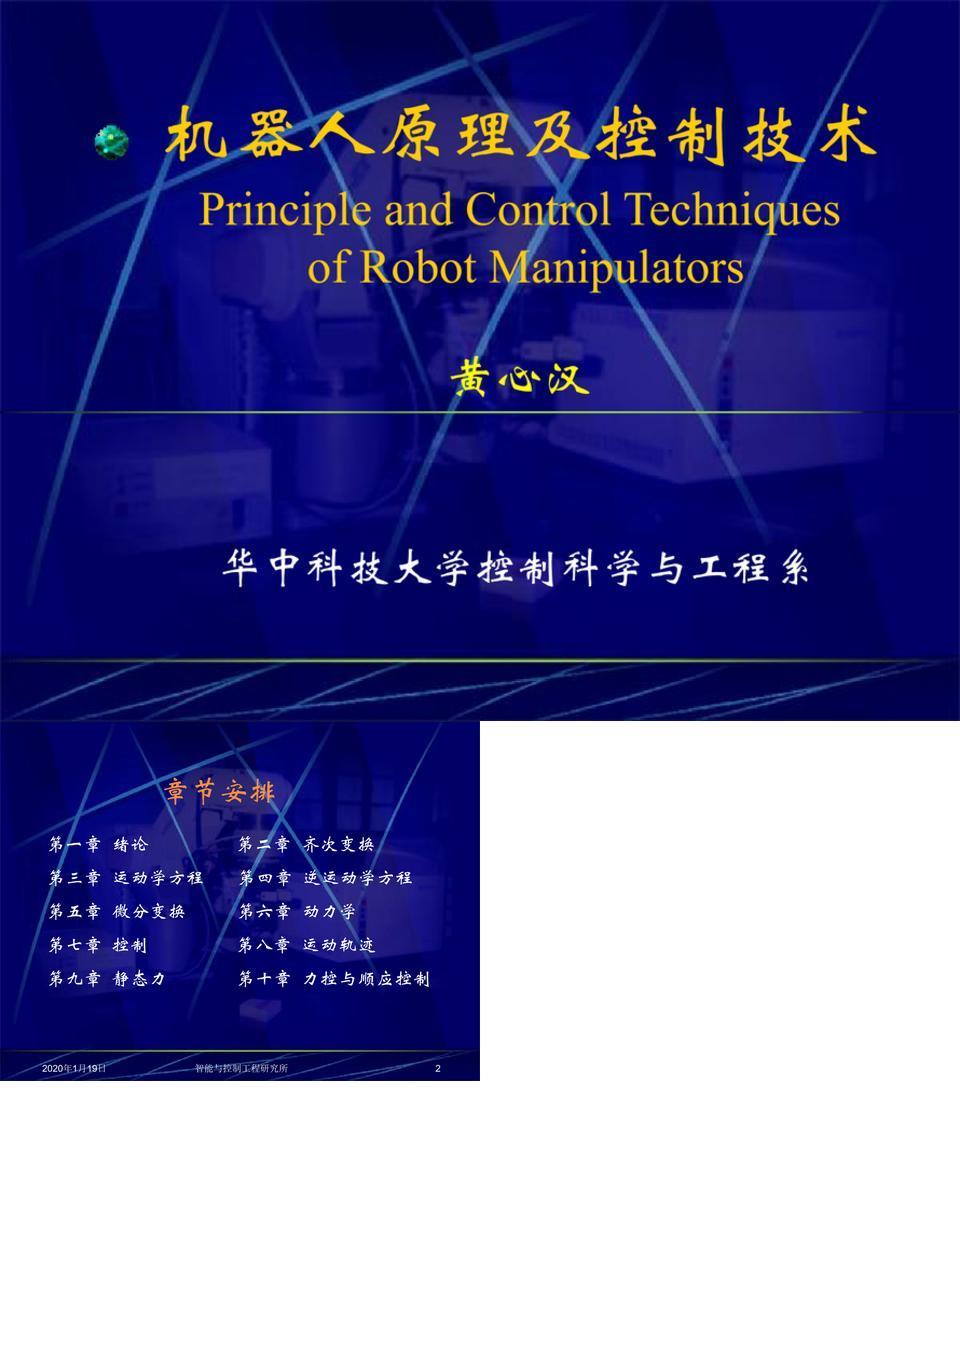 第1章 机器人控制技术绪论.ppt